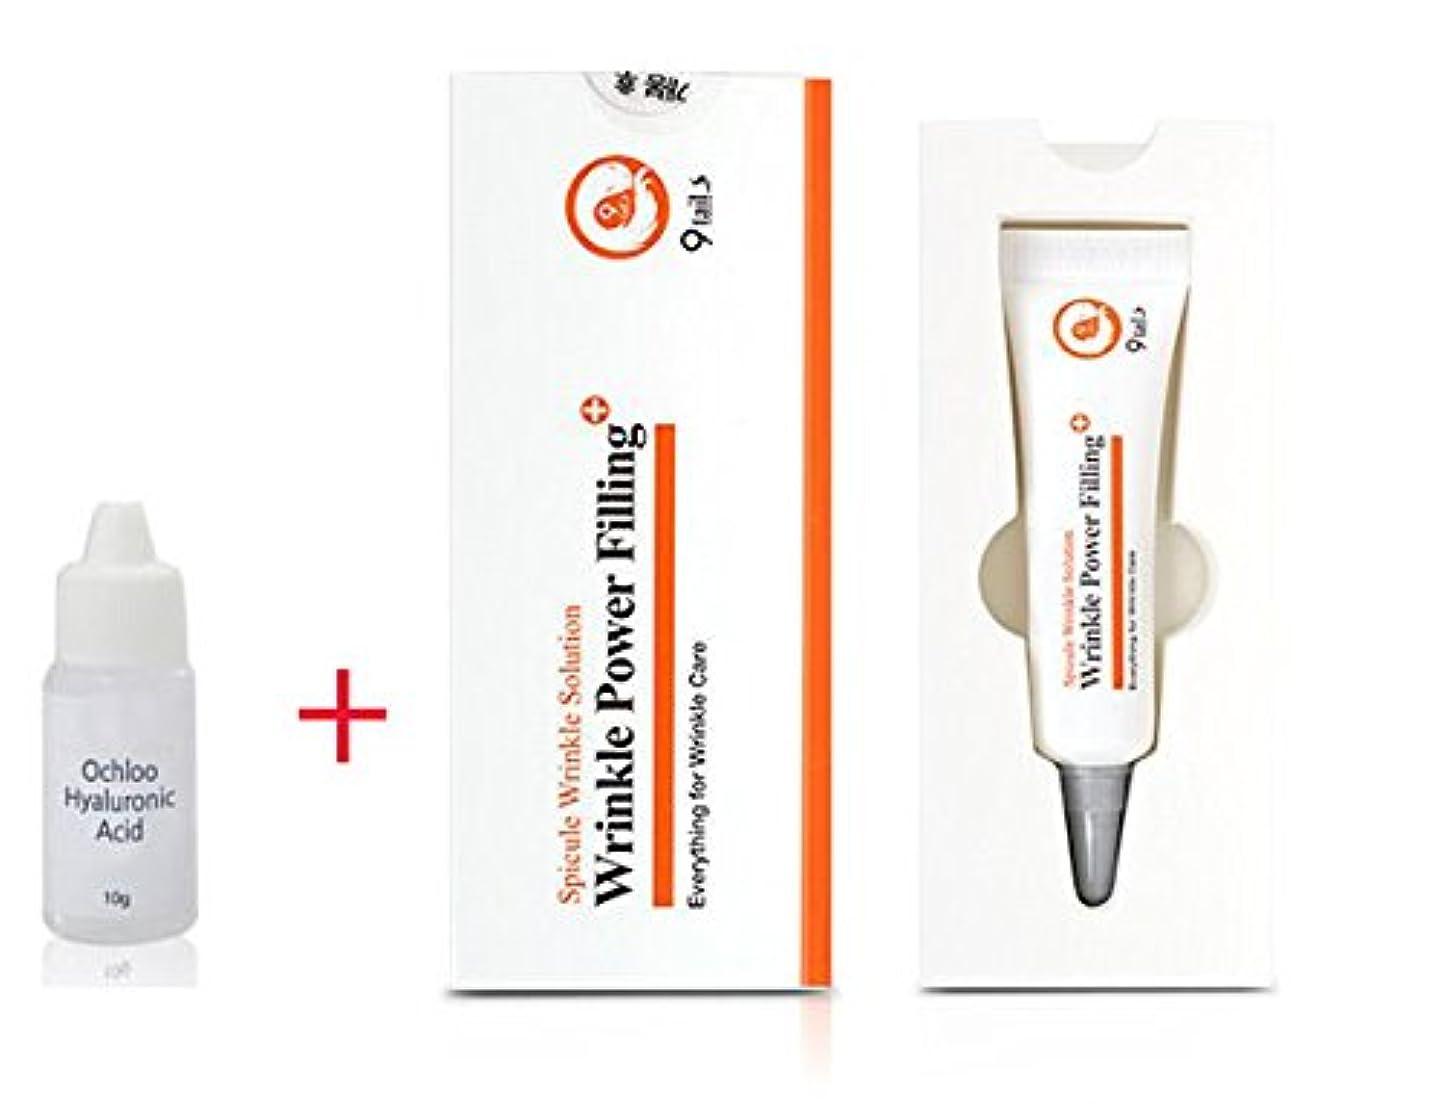 瞬時に深いネックレット9 tails: Wrinkle Power Filling 5ml: Improve wrinkles Serum. リンクルパワーフィーリング シワ改善?セラム + Ochloo hyaluronic acid 10ml